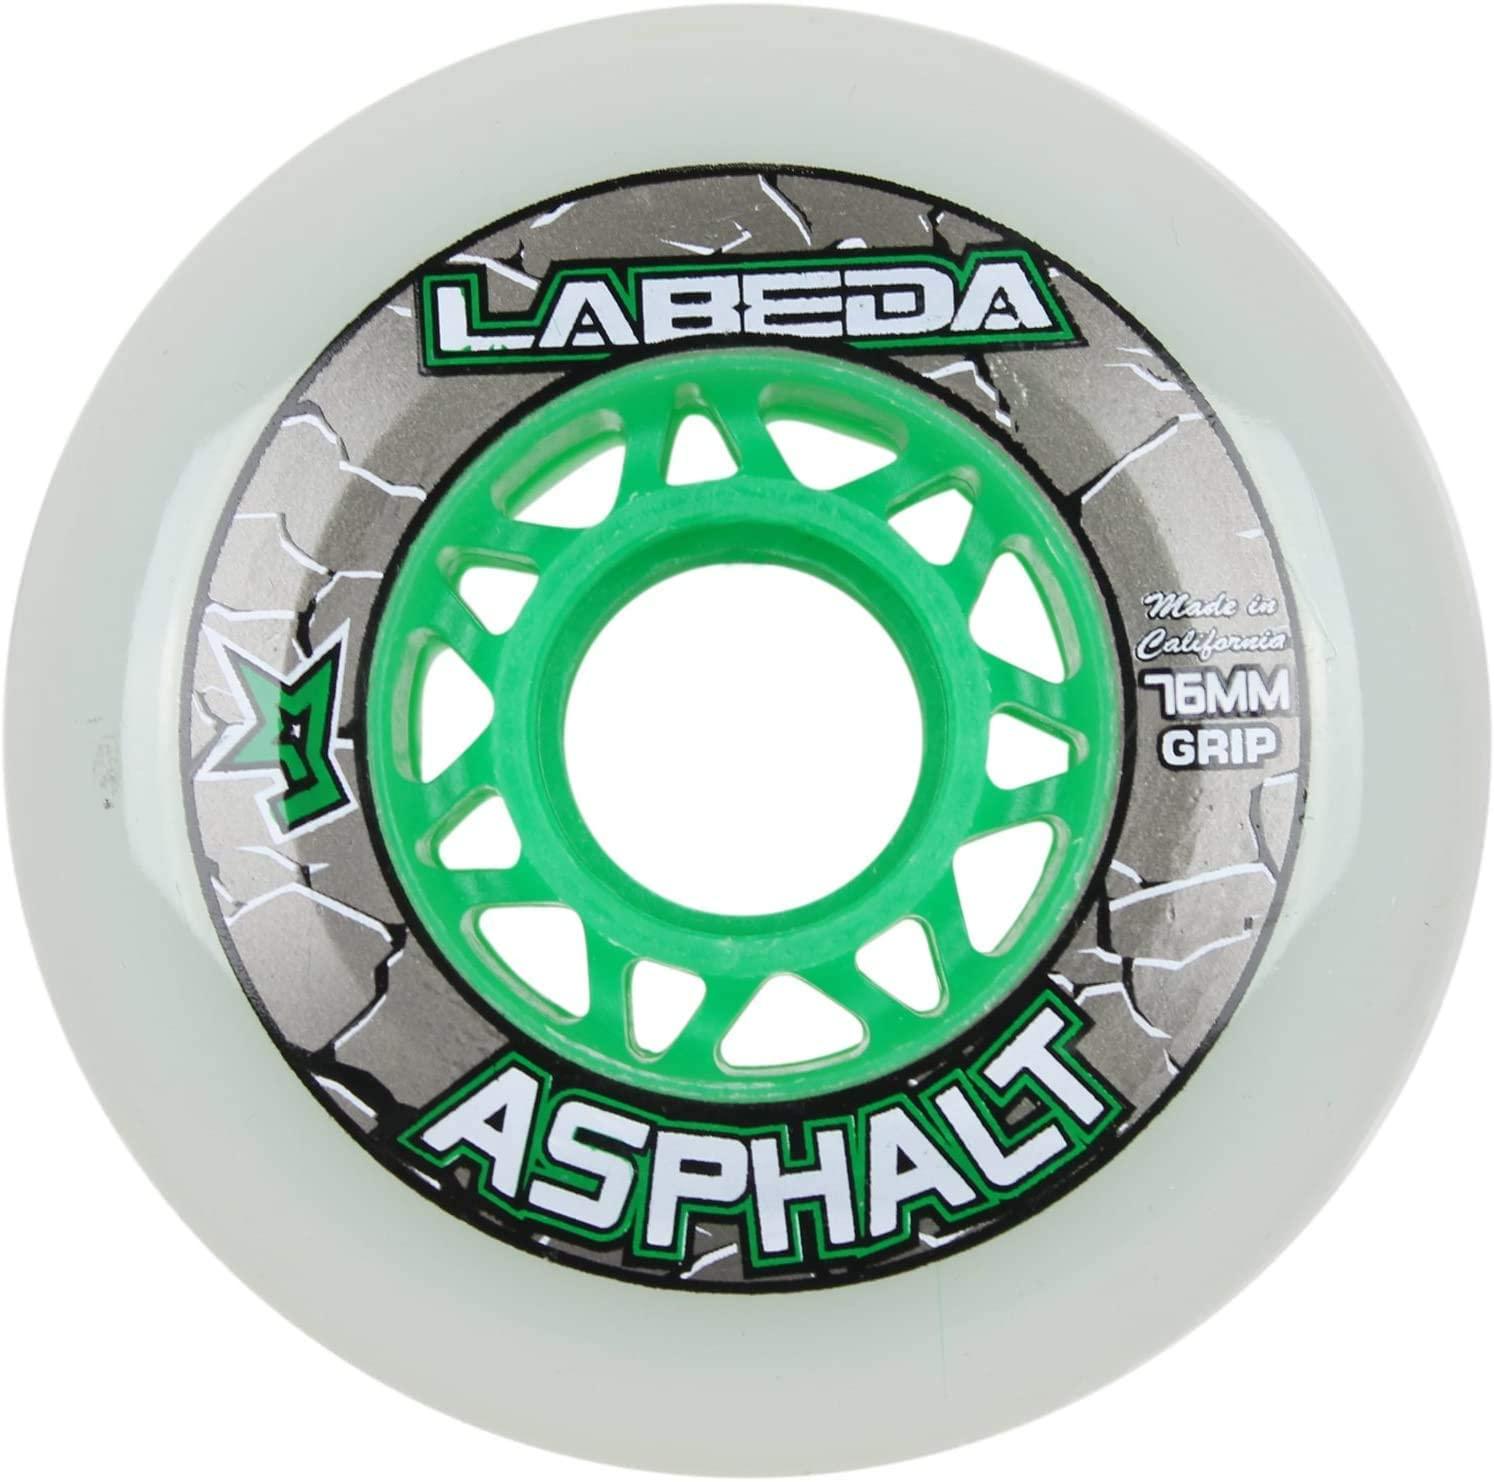 Labeda Wheels Inline Roller Hockey Gripper Asphalt Outdoor White 76mm 83A x1